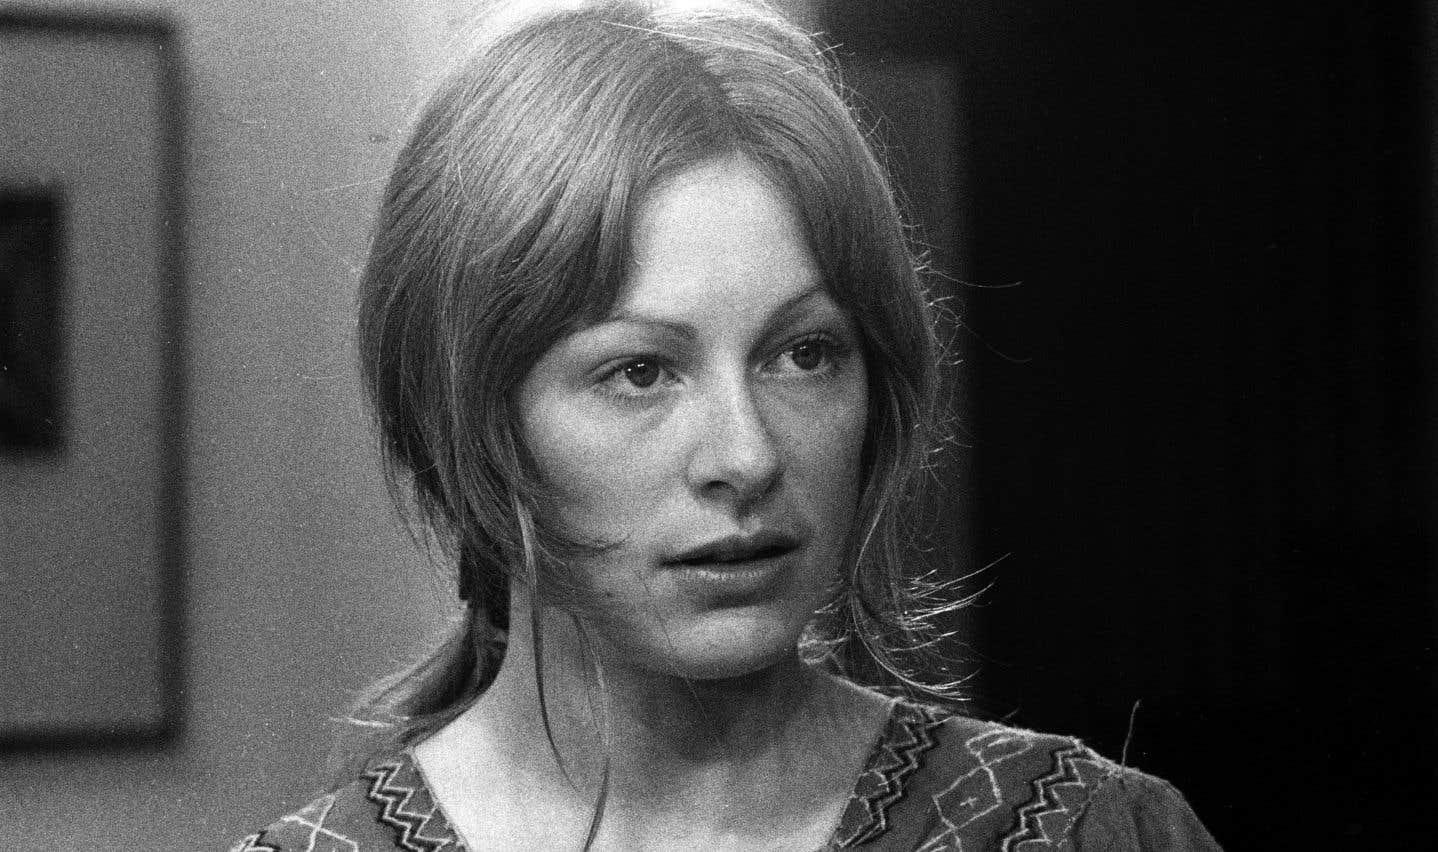 Micheline Lanctôt dans une scène du film «Souris, tu m'inquiètes», réalisé en 1973